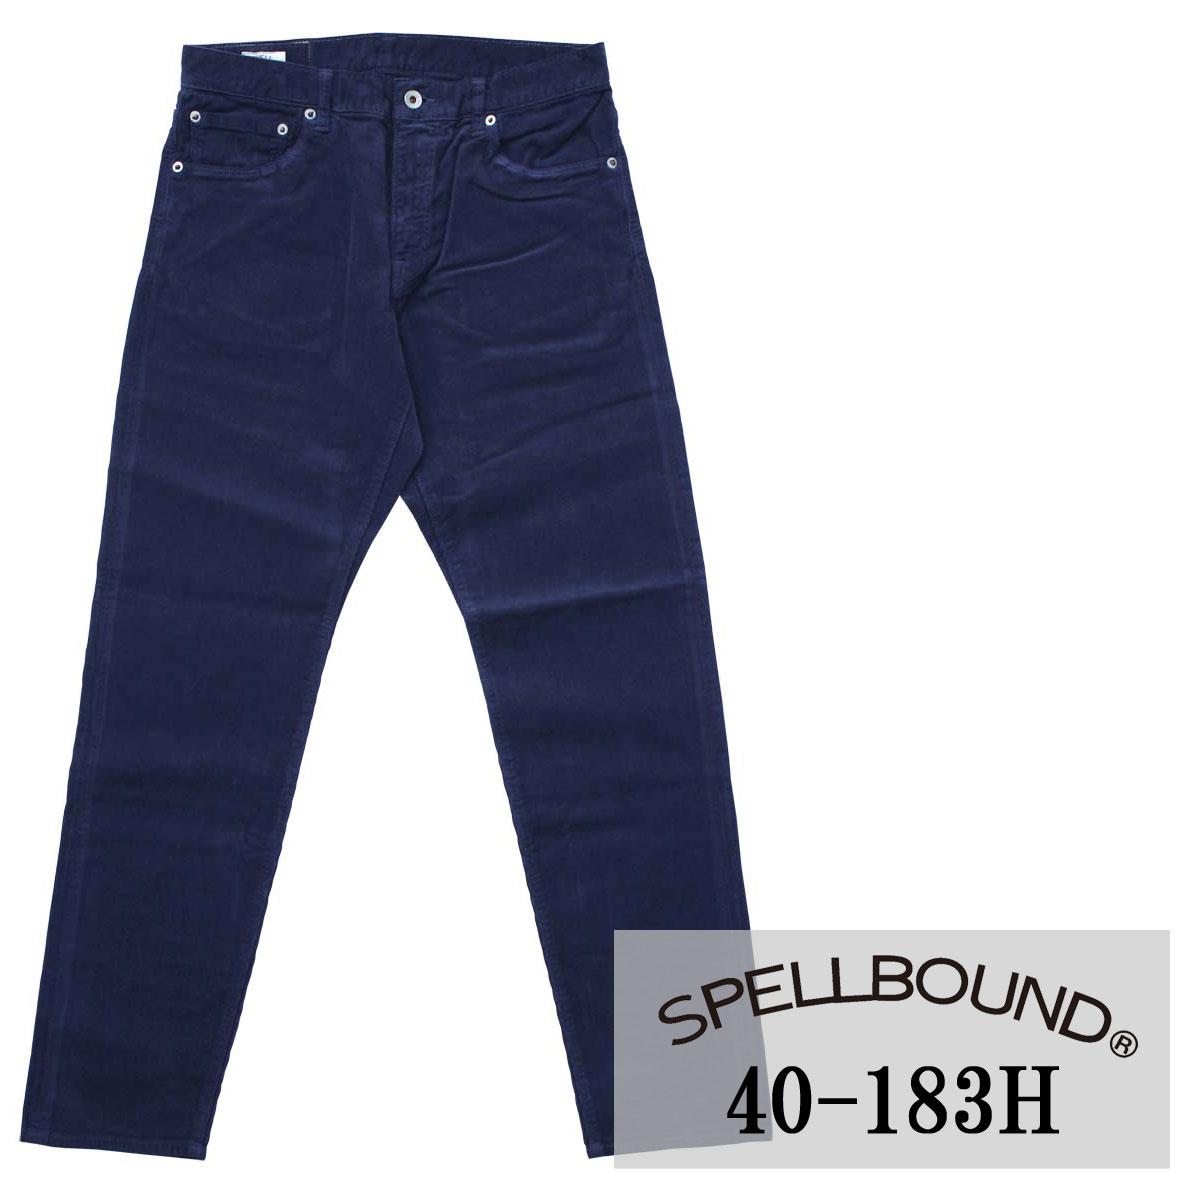 SPELLBOUND:ストレッチ コーデュロイ 5P スリムパンツ(ネイビーブルー):40-183H スペルバウンド メンズ 裾上げ 冬用 冬服